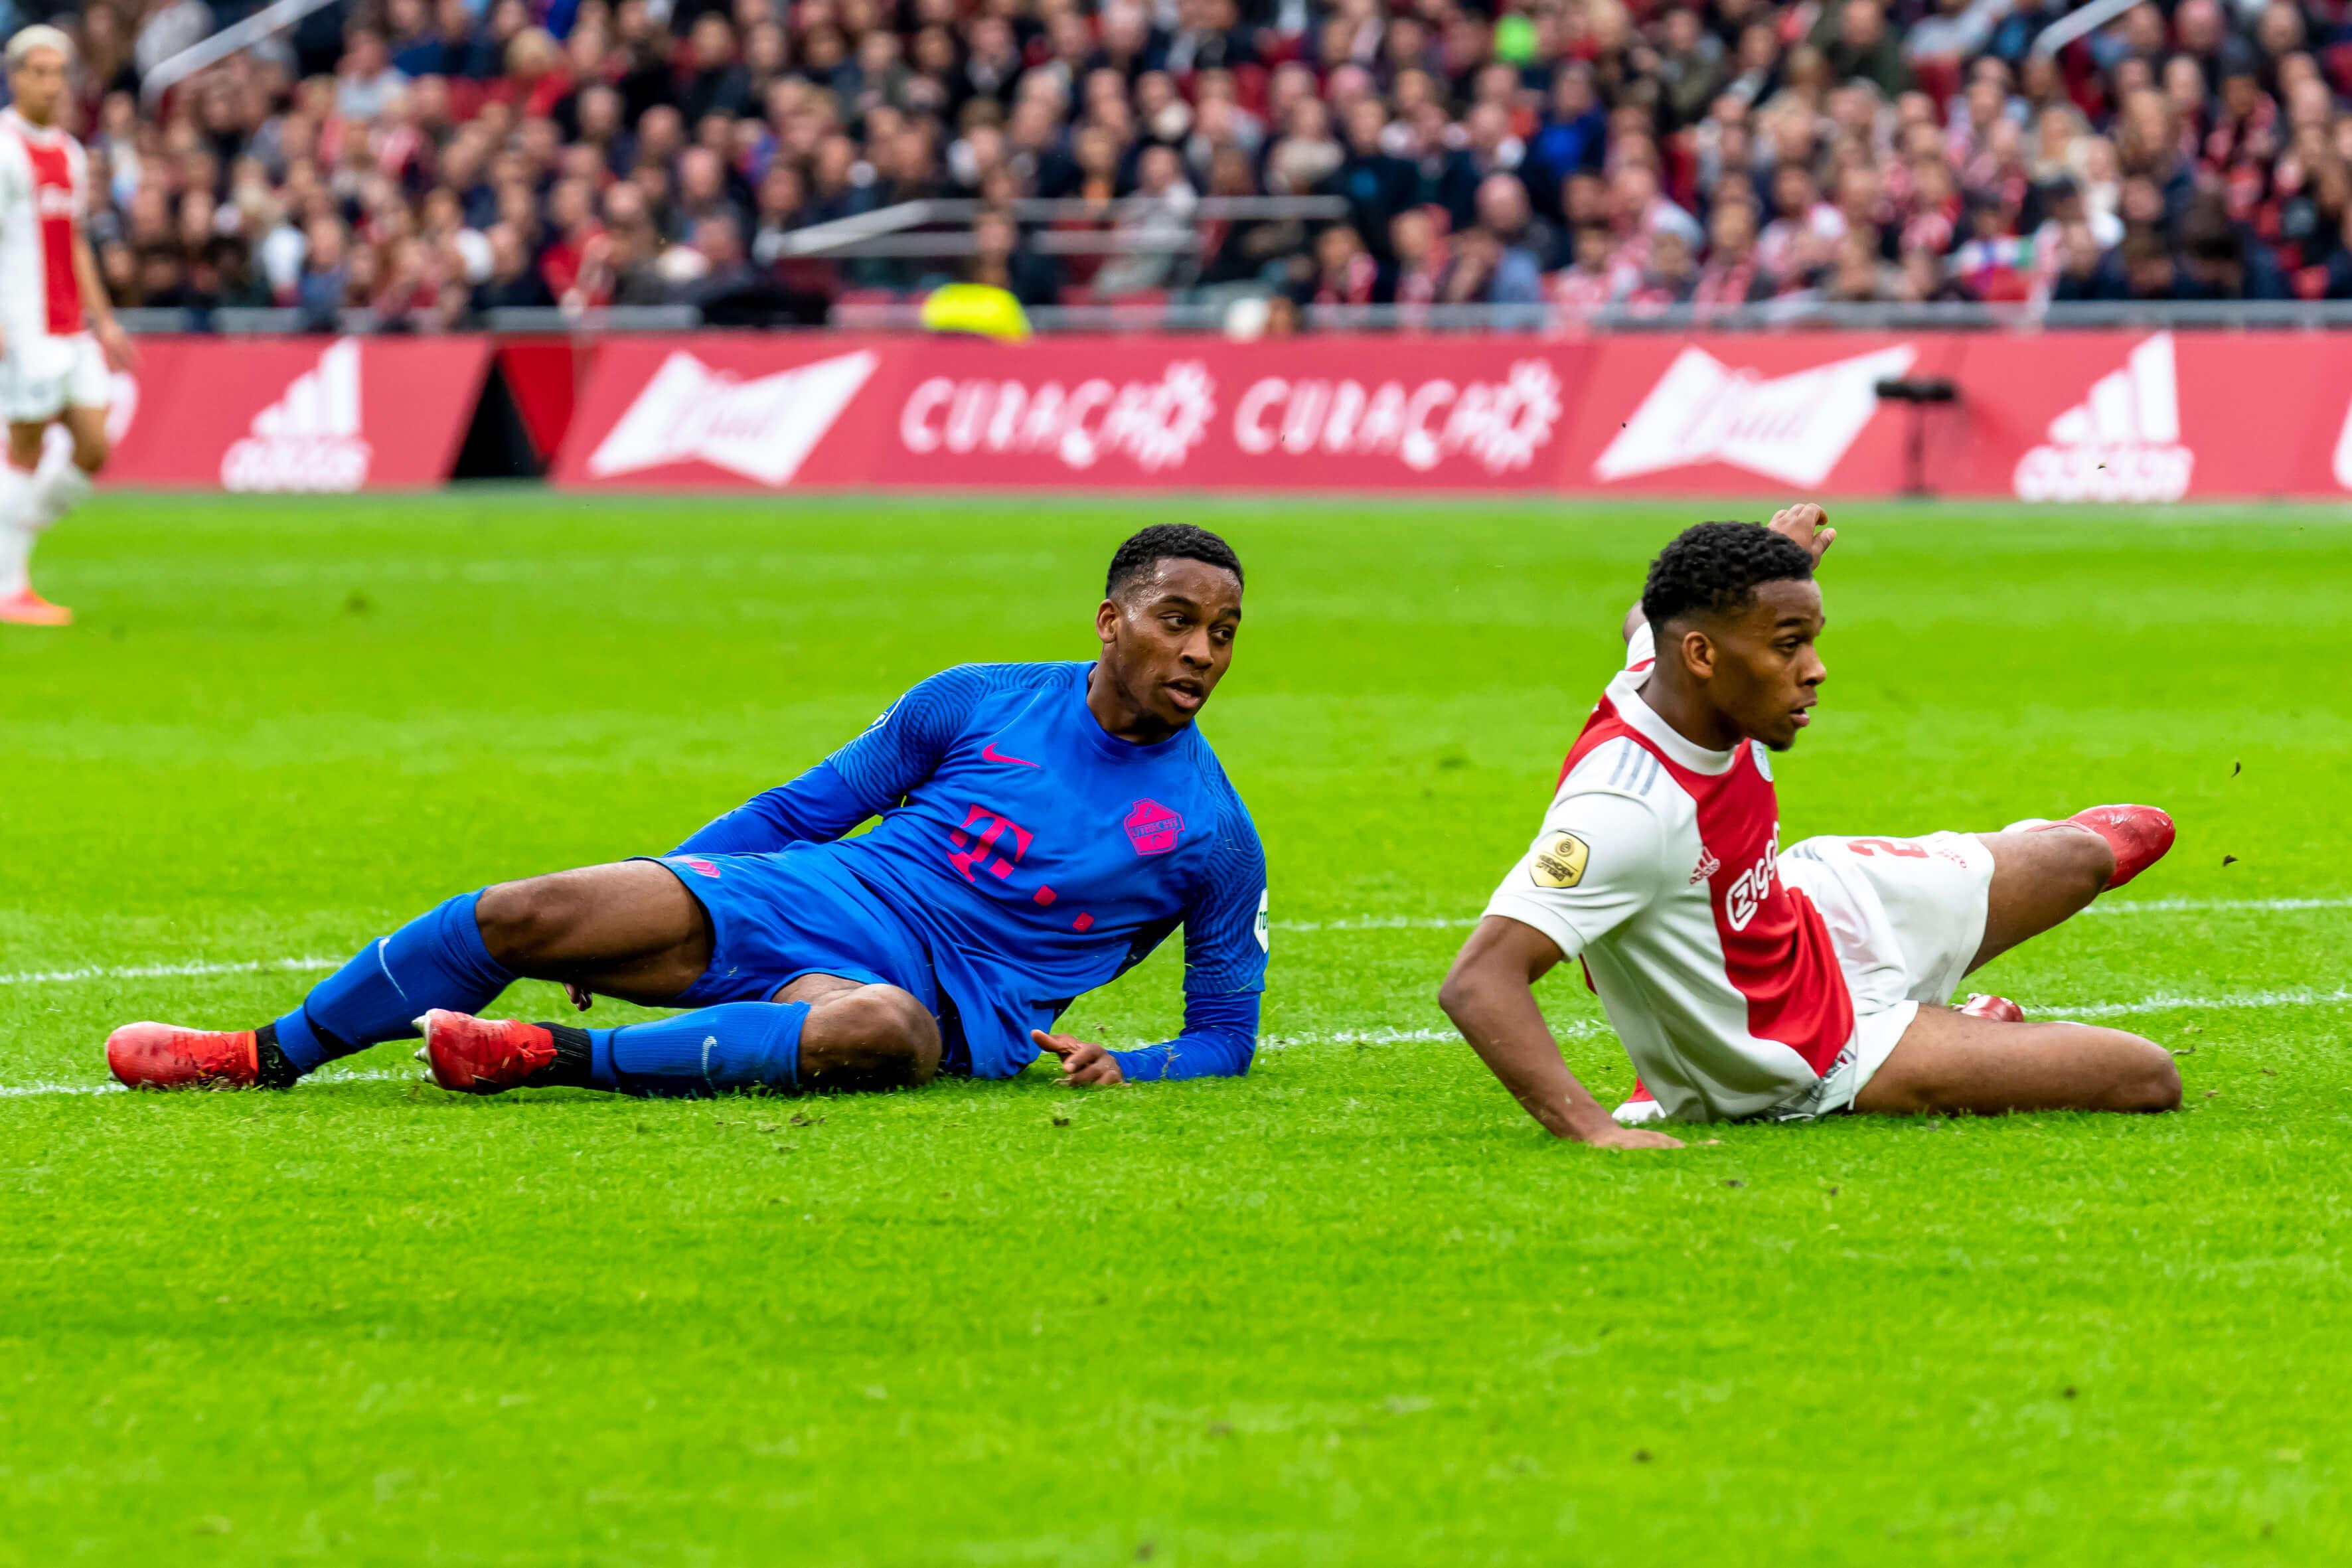 Ajax komt niet door Utrechtse muur heen en incasseert wederom dé counter: 0-1; image source: Pro Shots